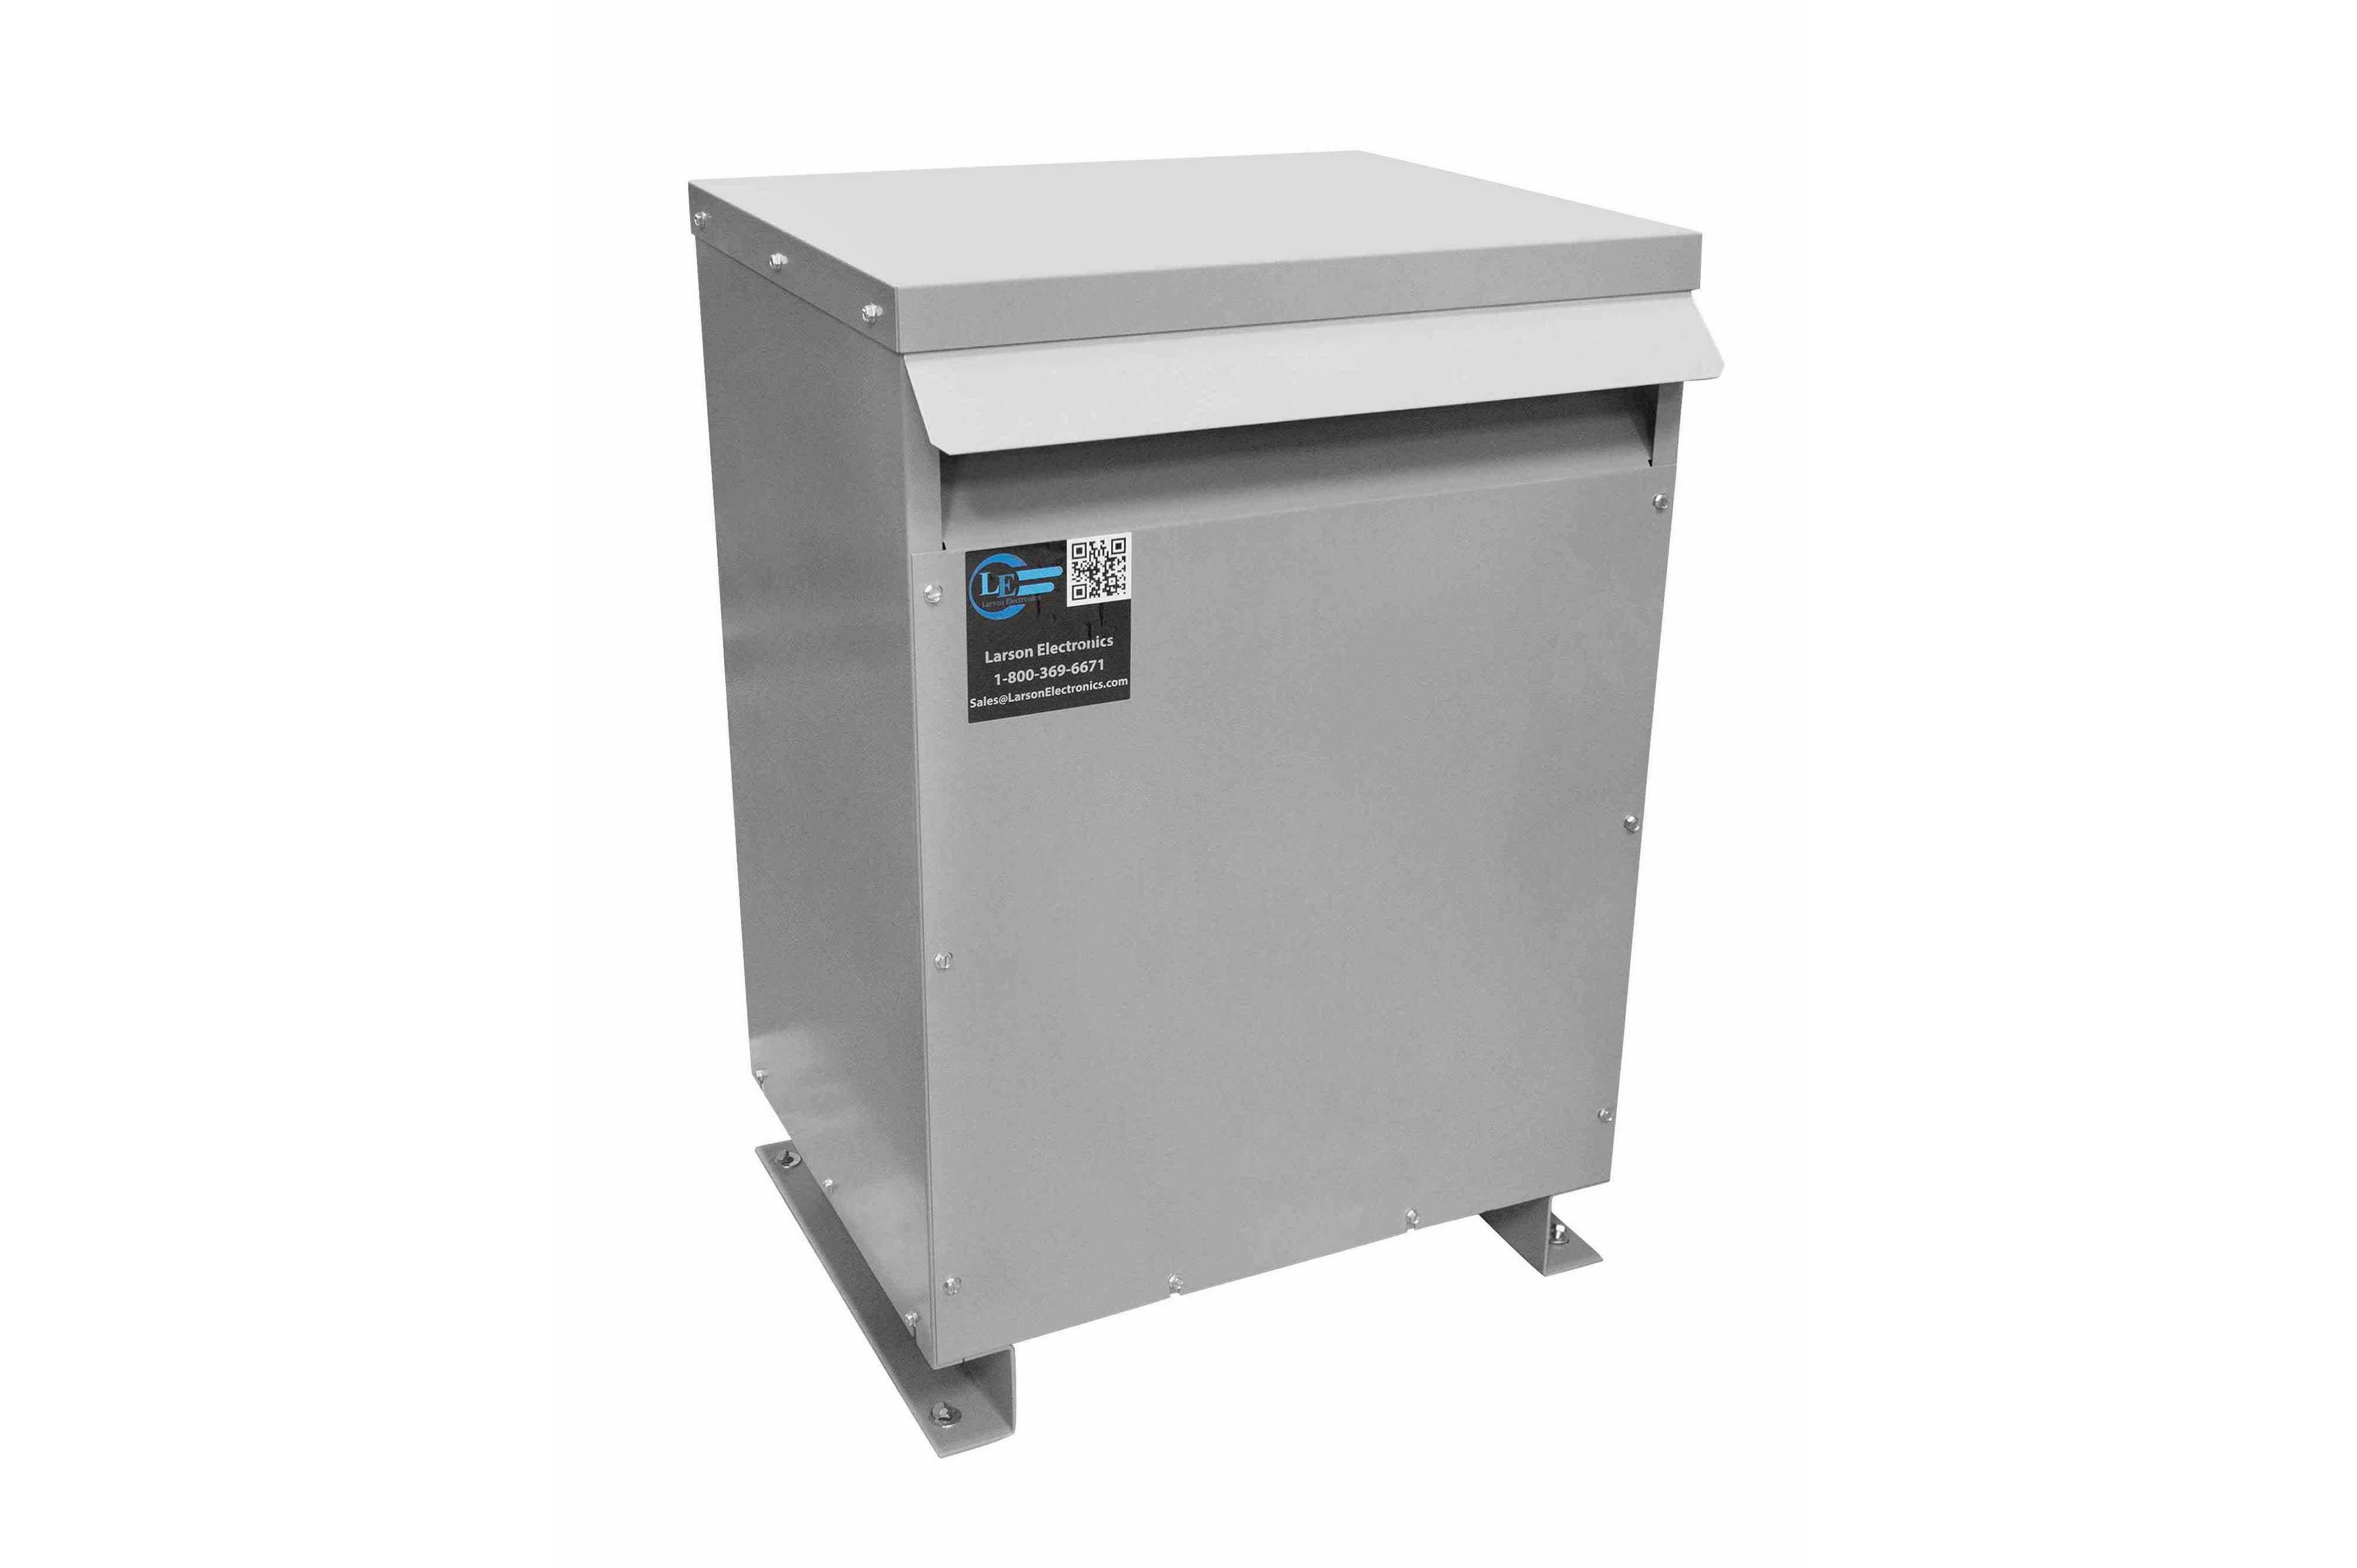 110 kVA 3PH Isolation Transformer, 600V Delta Primary, 400V Delta Secondary, N3R, Ventilated, 60 Hz